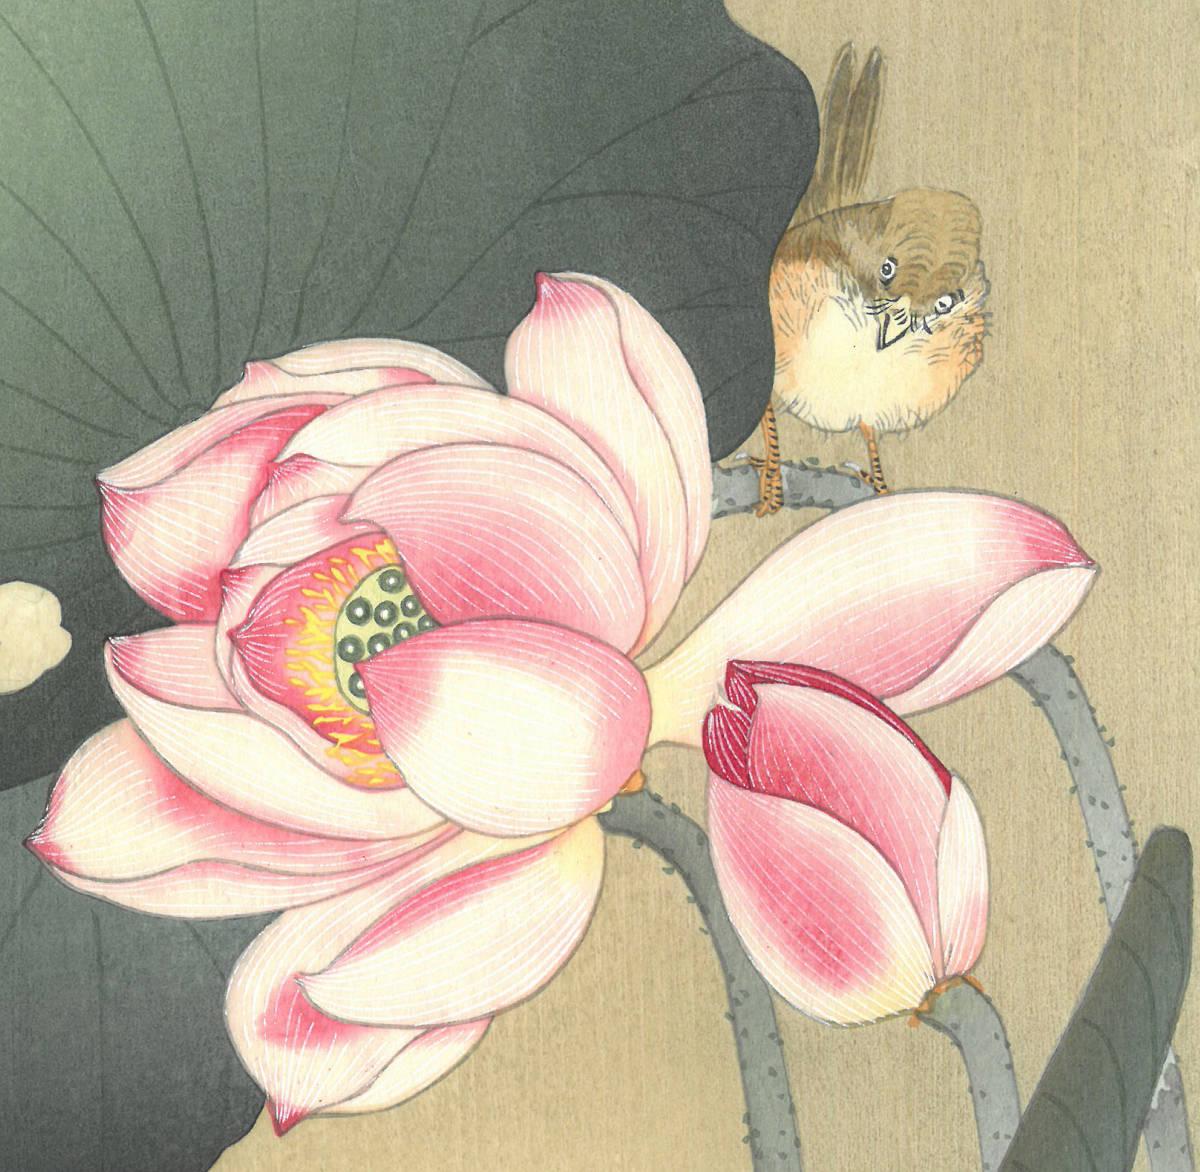 小原古邨 (Ohara Koson) (1877~1945) 木版画 蓮に雀 (Lotus and sparrow) 最高峰の摺師が50回以上の摺りの工程で仕上げた奇跡の一品!!_画像7